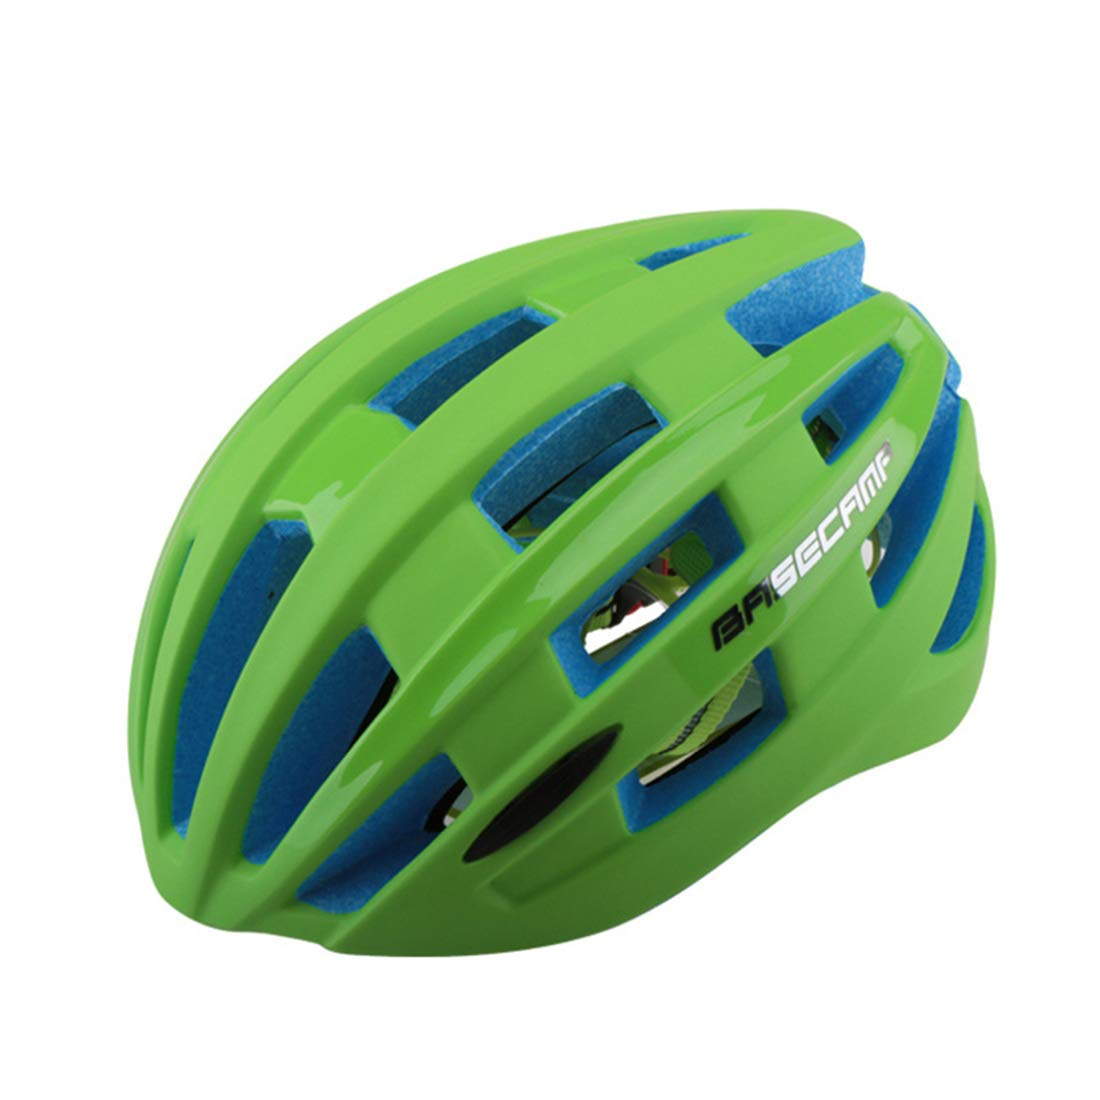 JESSIEKERVIN YY3 Fahrrad Reithelm Fahrrad Schutzhelm Geeignet für Outdoor-Radsport-Enthusiasten Erwachsene Fahrradhelm